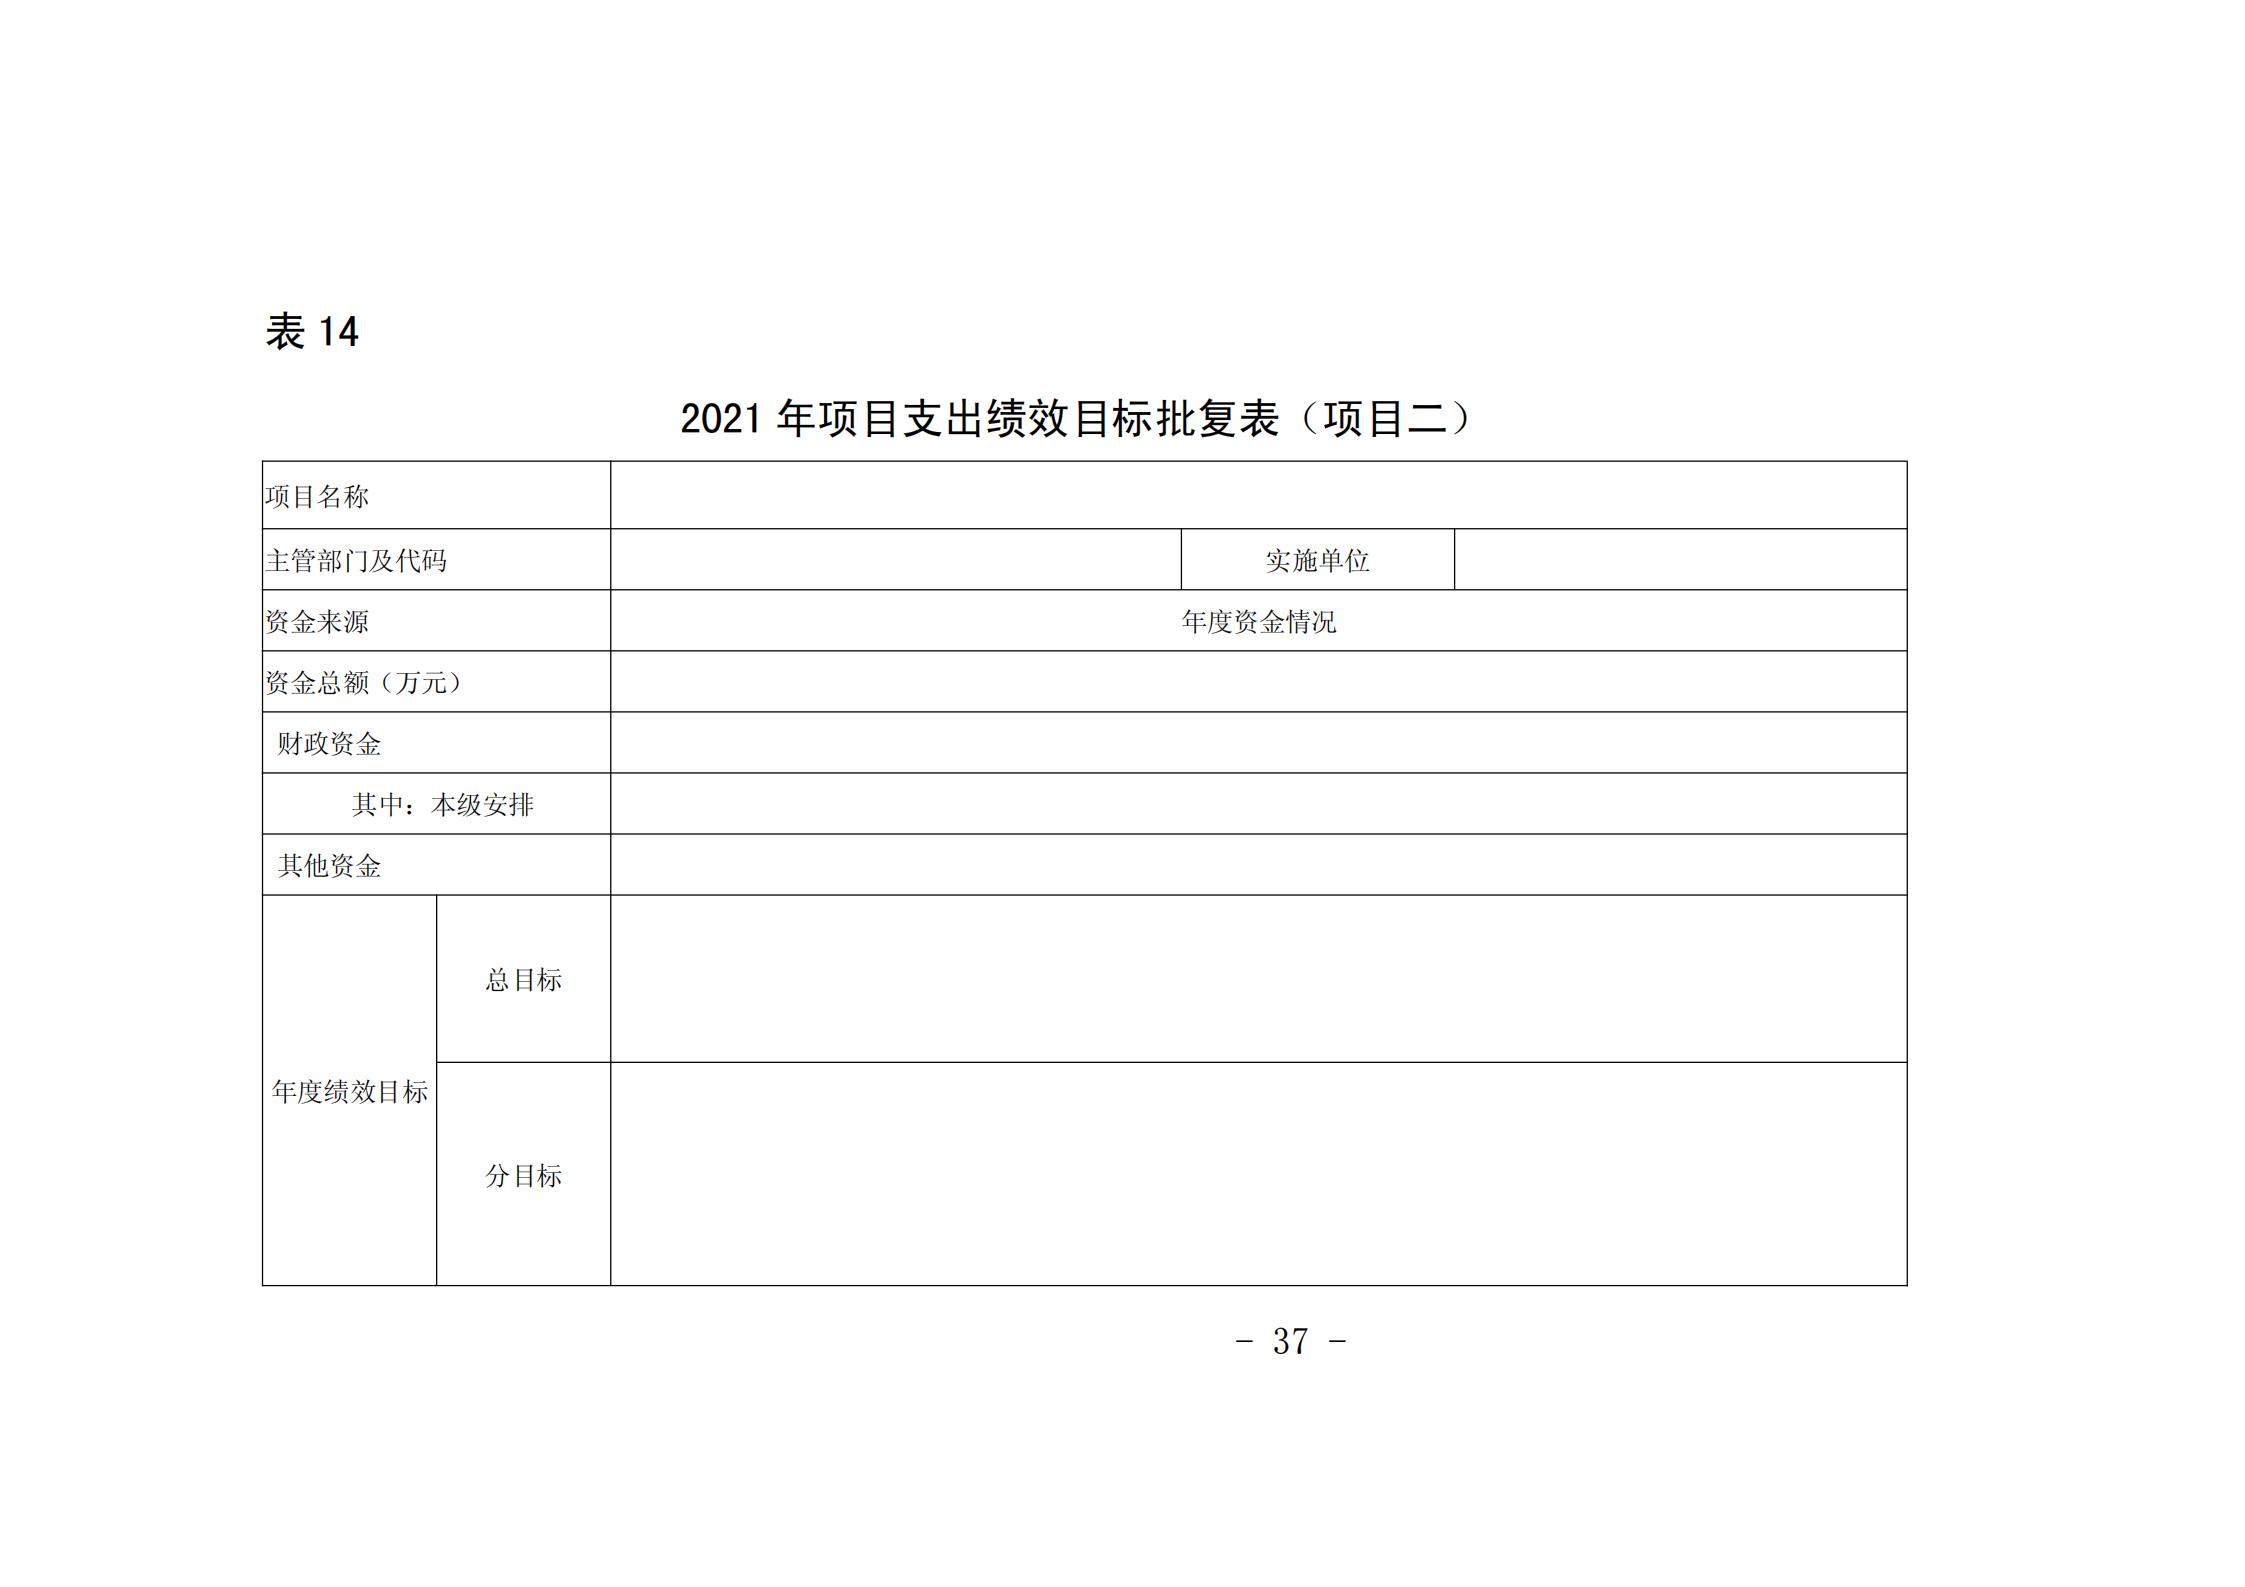 """贵阳市青少年宫2021年度市级部门预算、""""三公""""经费预算公开说明_36.png"""